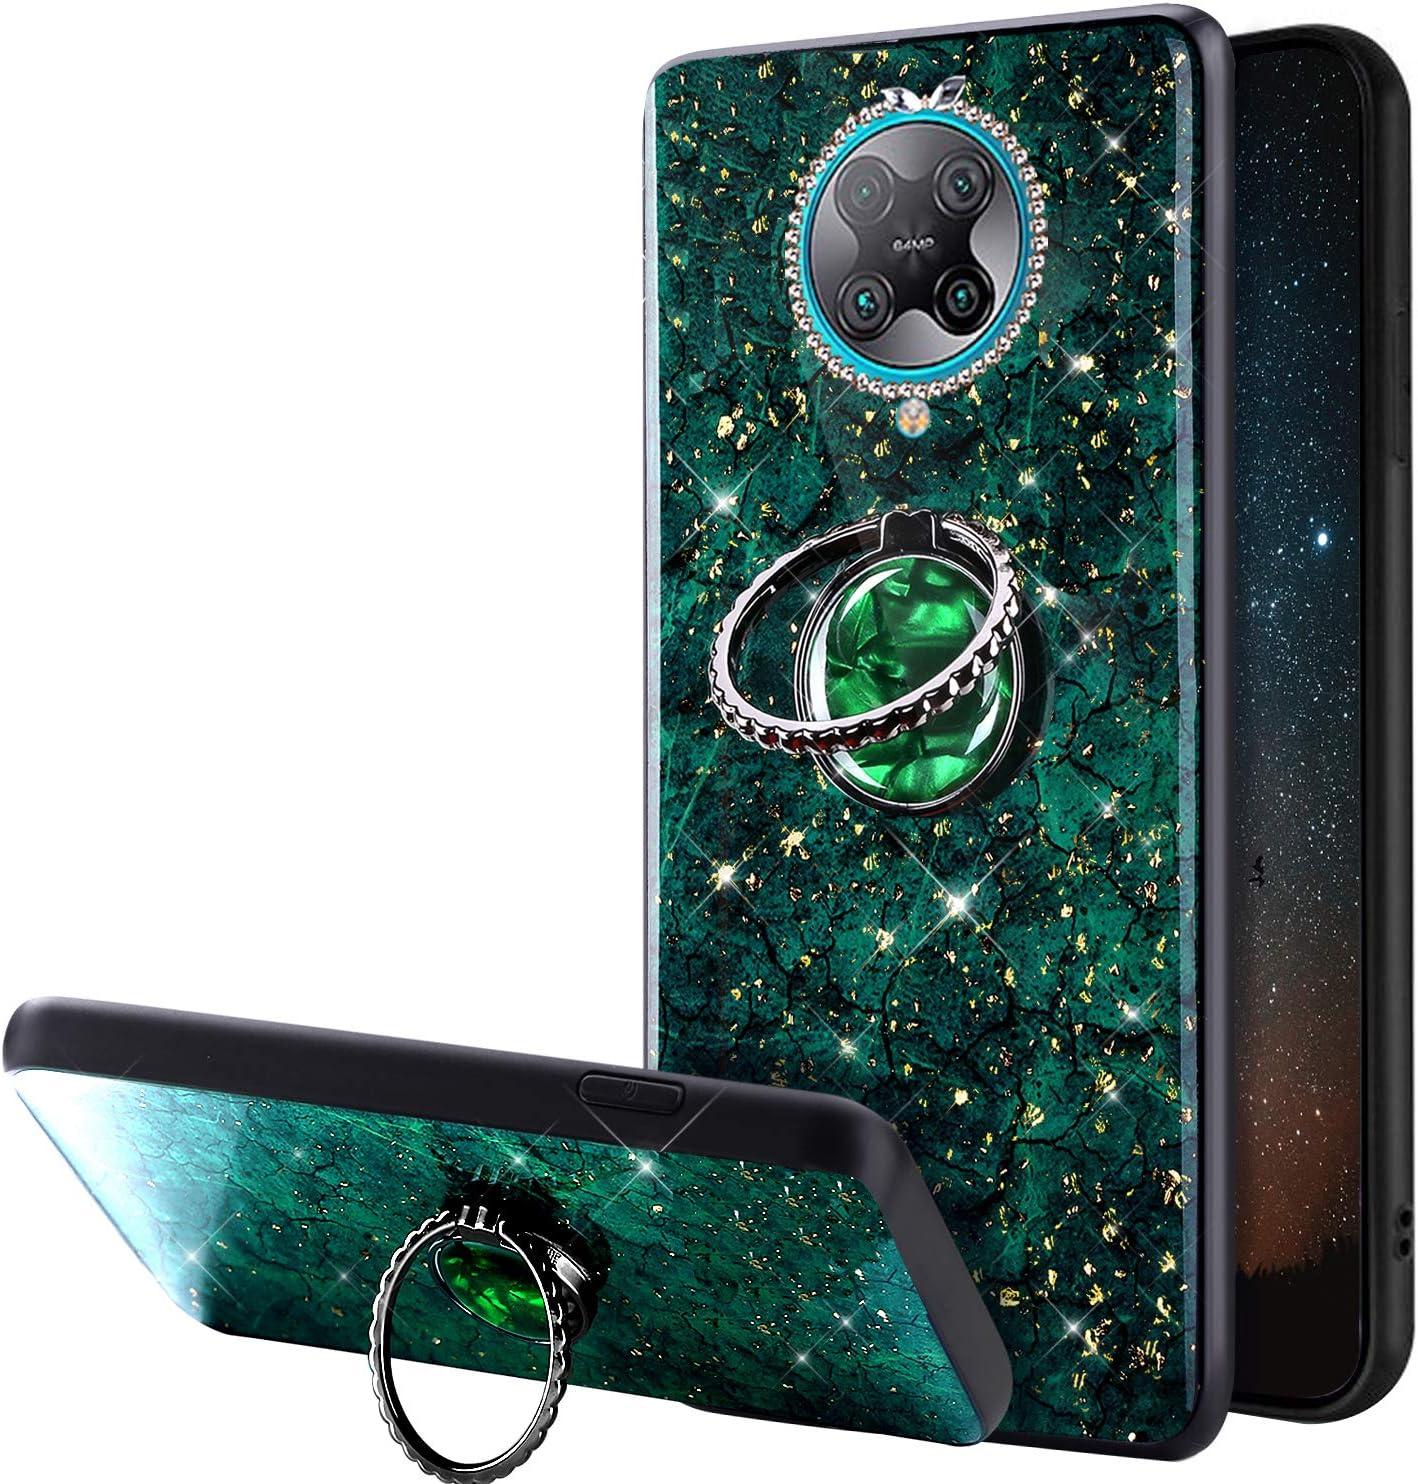 Funda Compatible con Xiaomi Redmi K30 Pro Carcasa Case Polvo de Brillo Purpurina Glitter Bling Rhinestone Anillo Soporte TPU Silicona Gel Bumper Ultra Slim Antigolpes Protectora Cover Cubierta,Verde